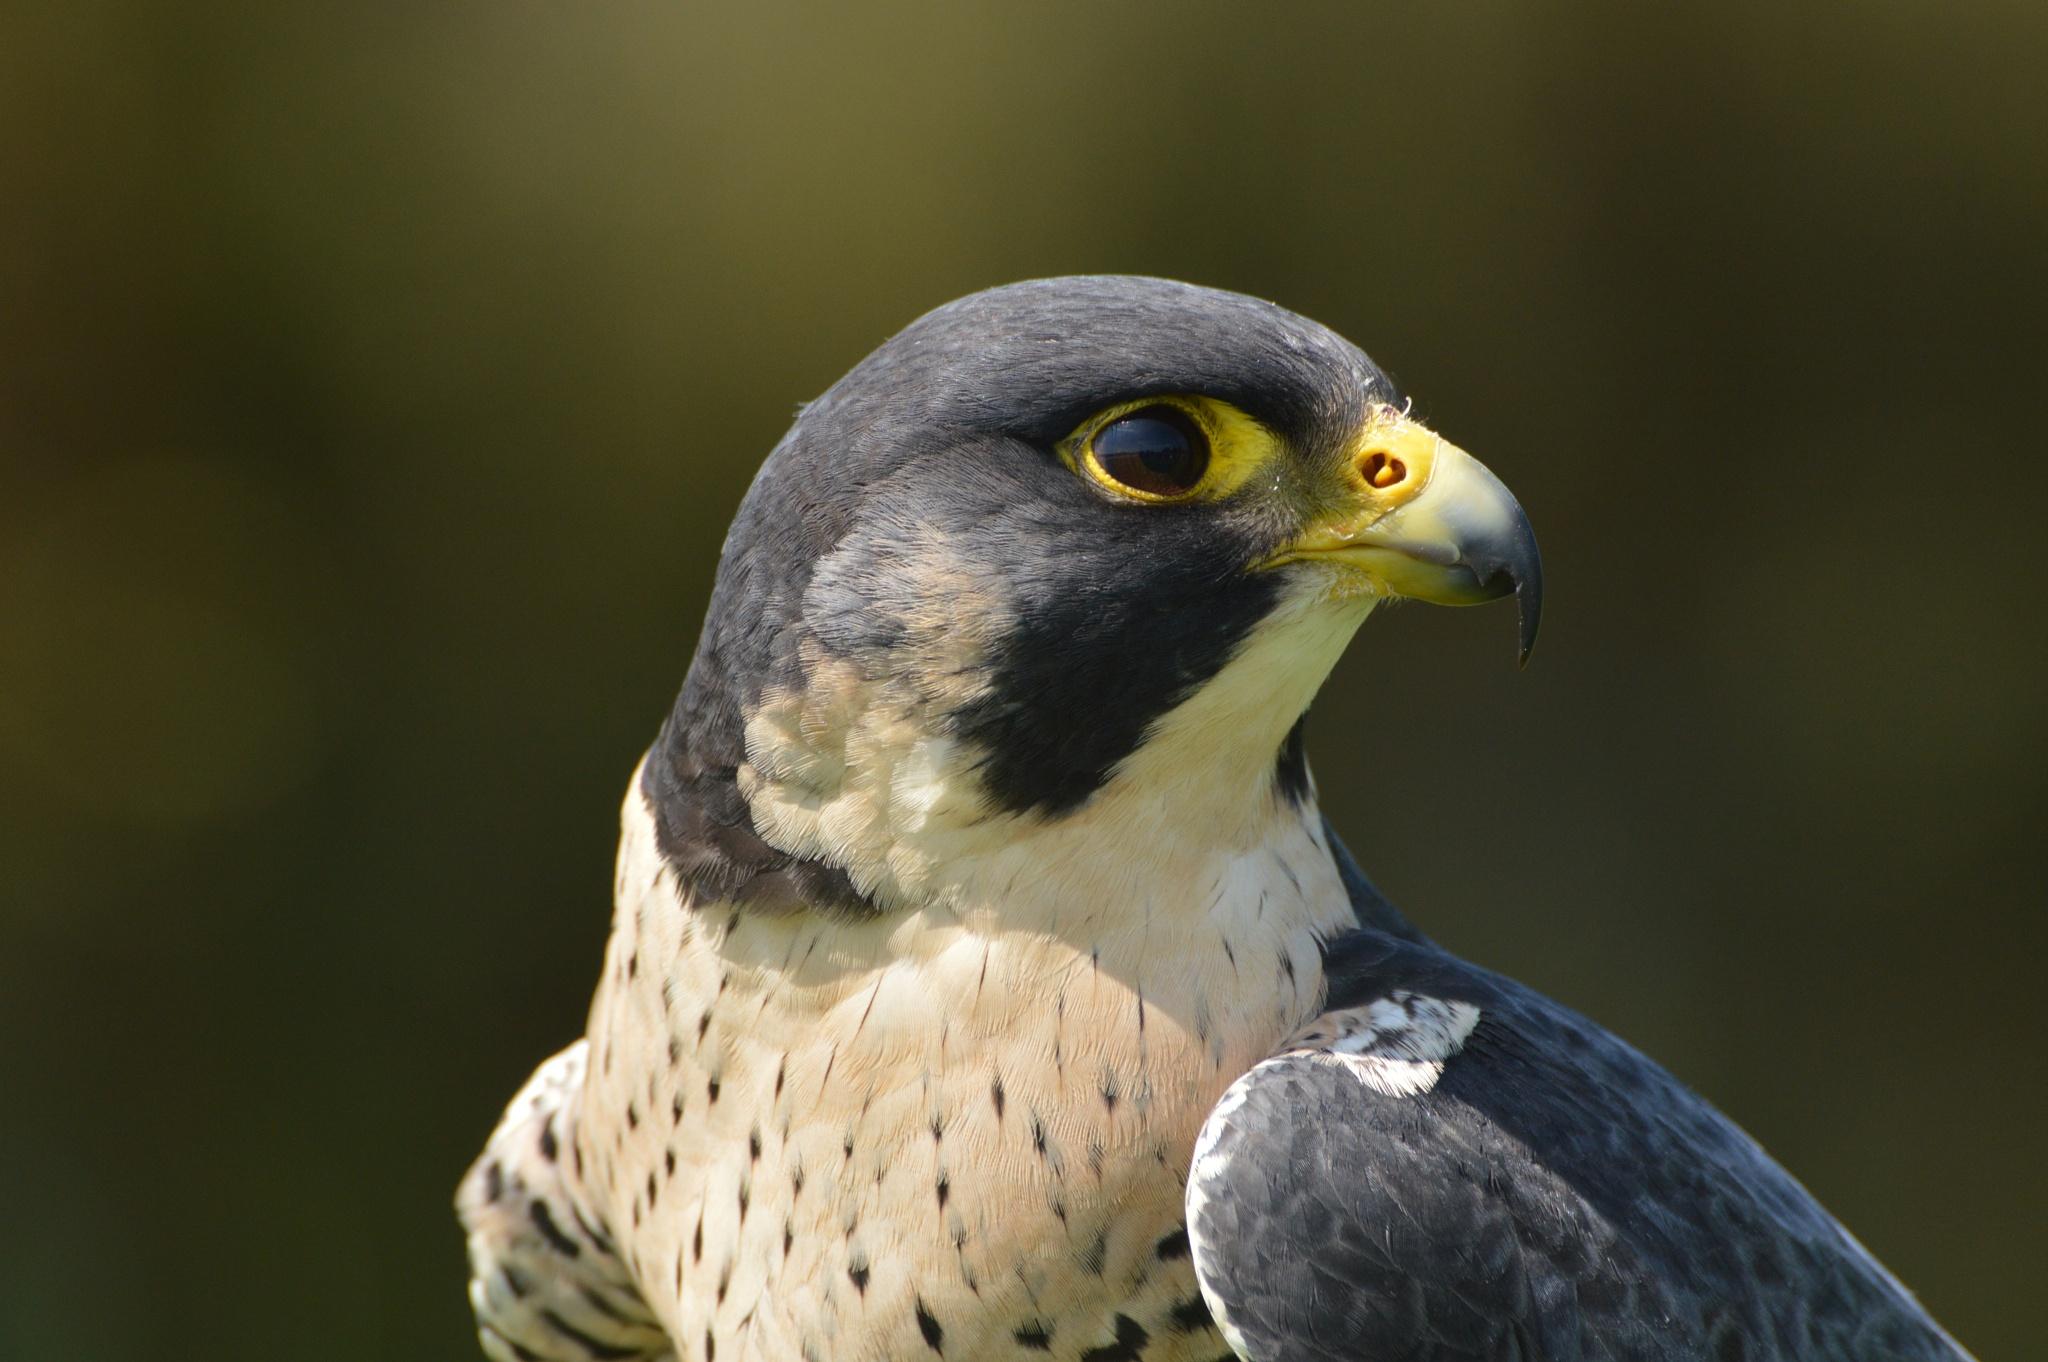 vogel by martin vuurpijl